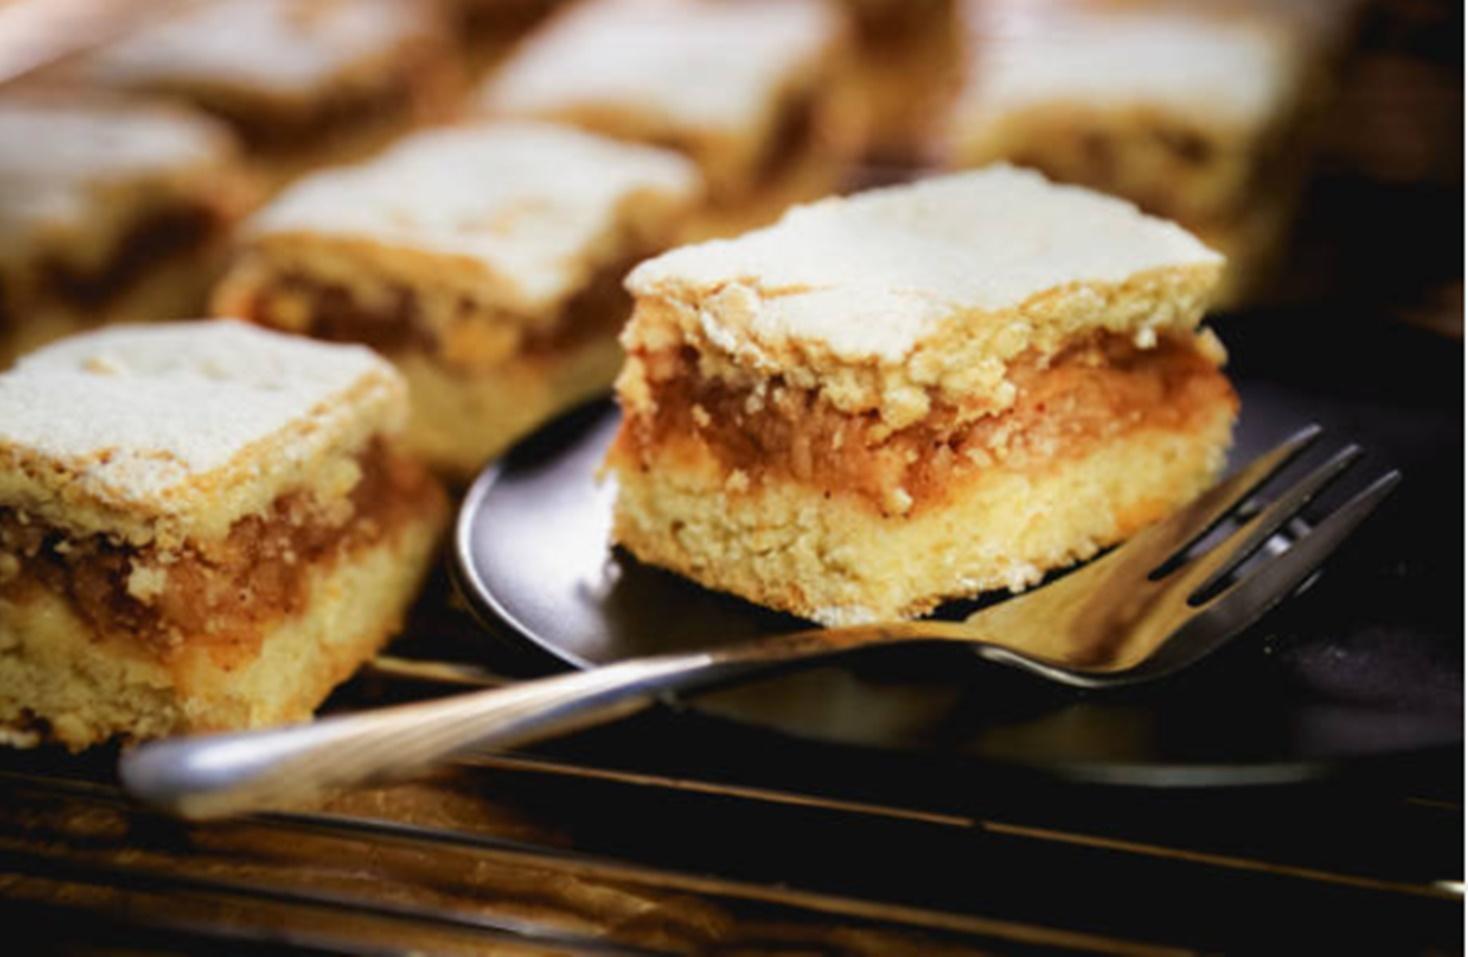 Prăjitura turnată cu mere. Rețetă de prăjitură cu mere și aluat fraged